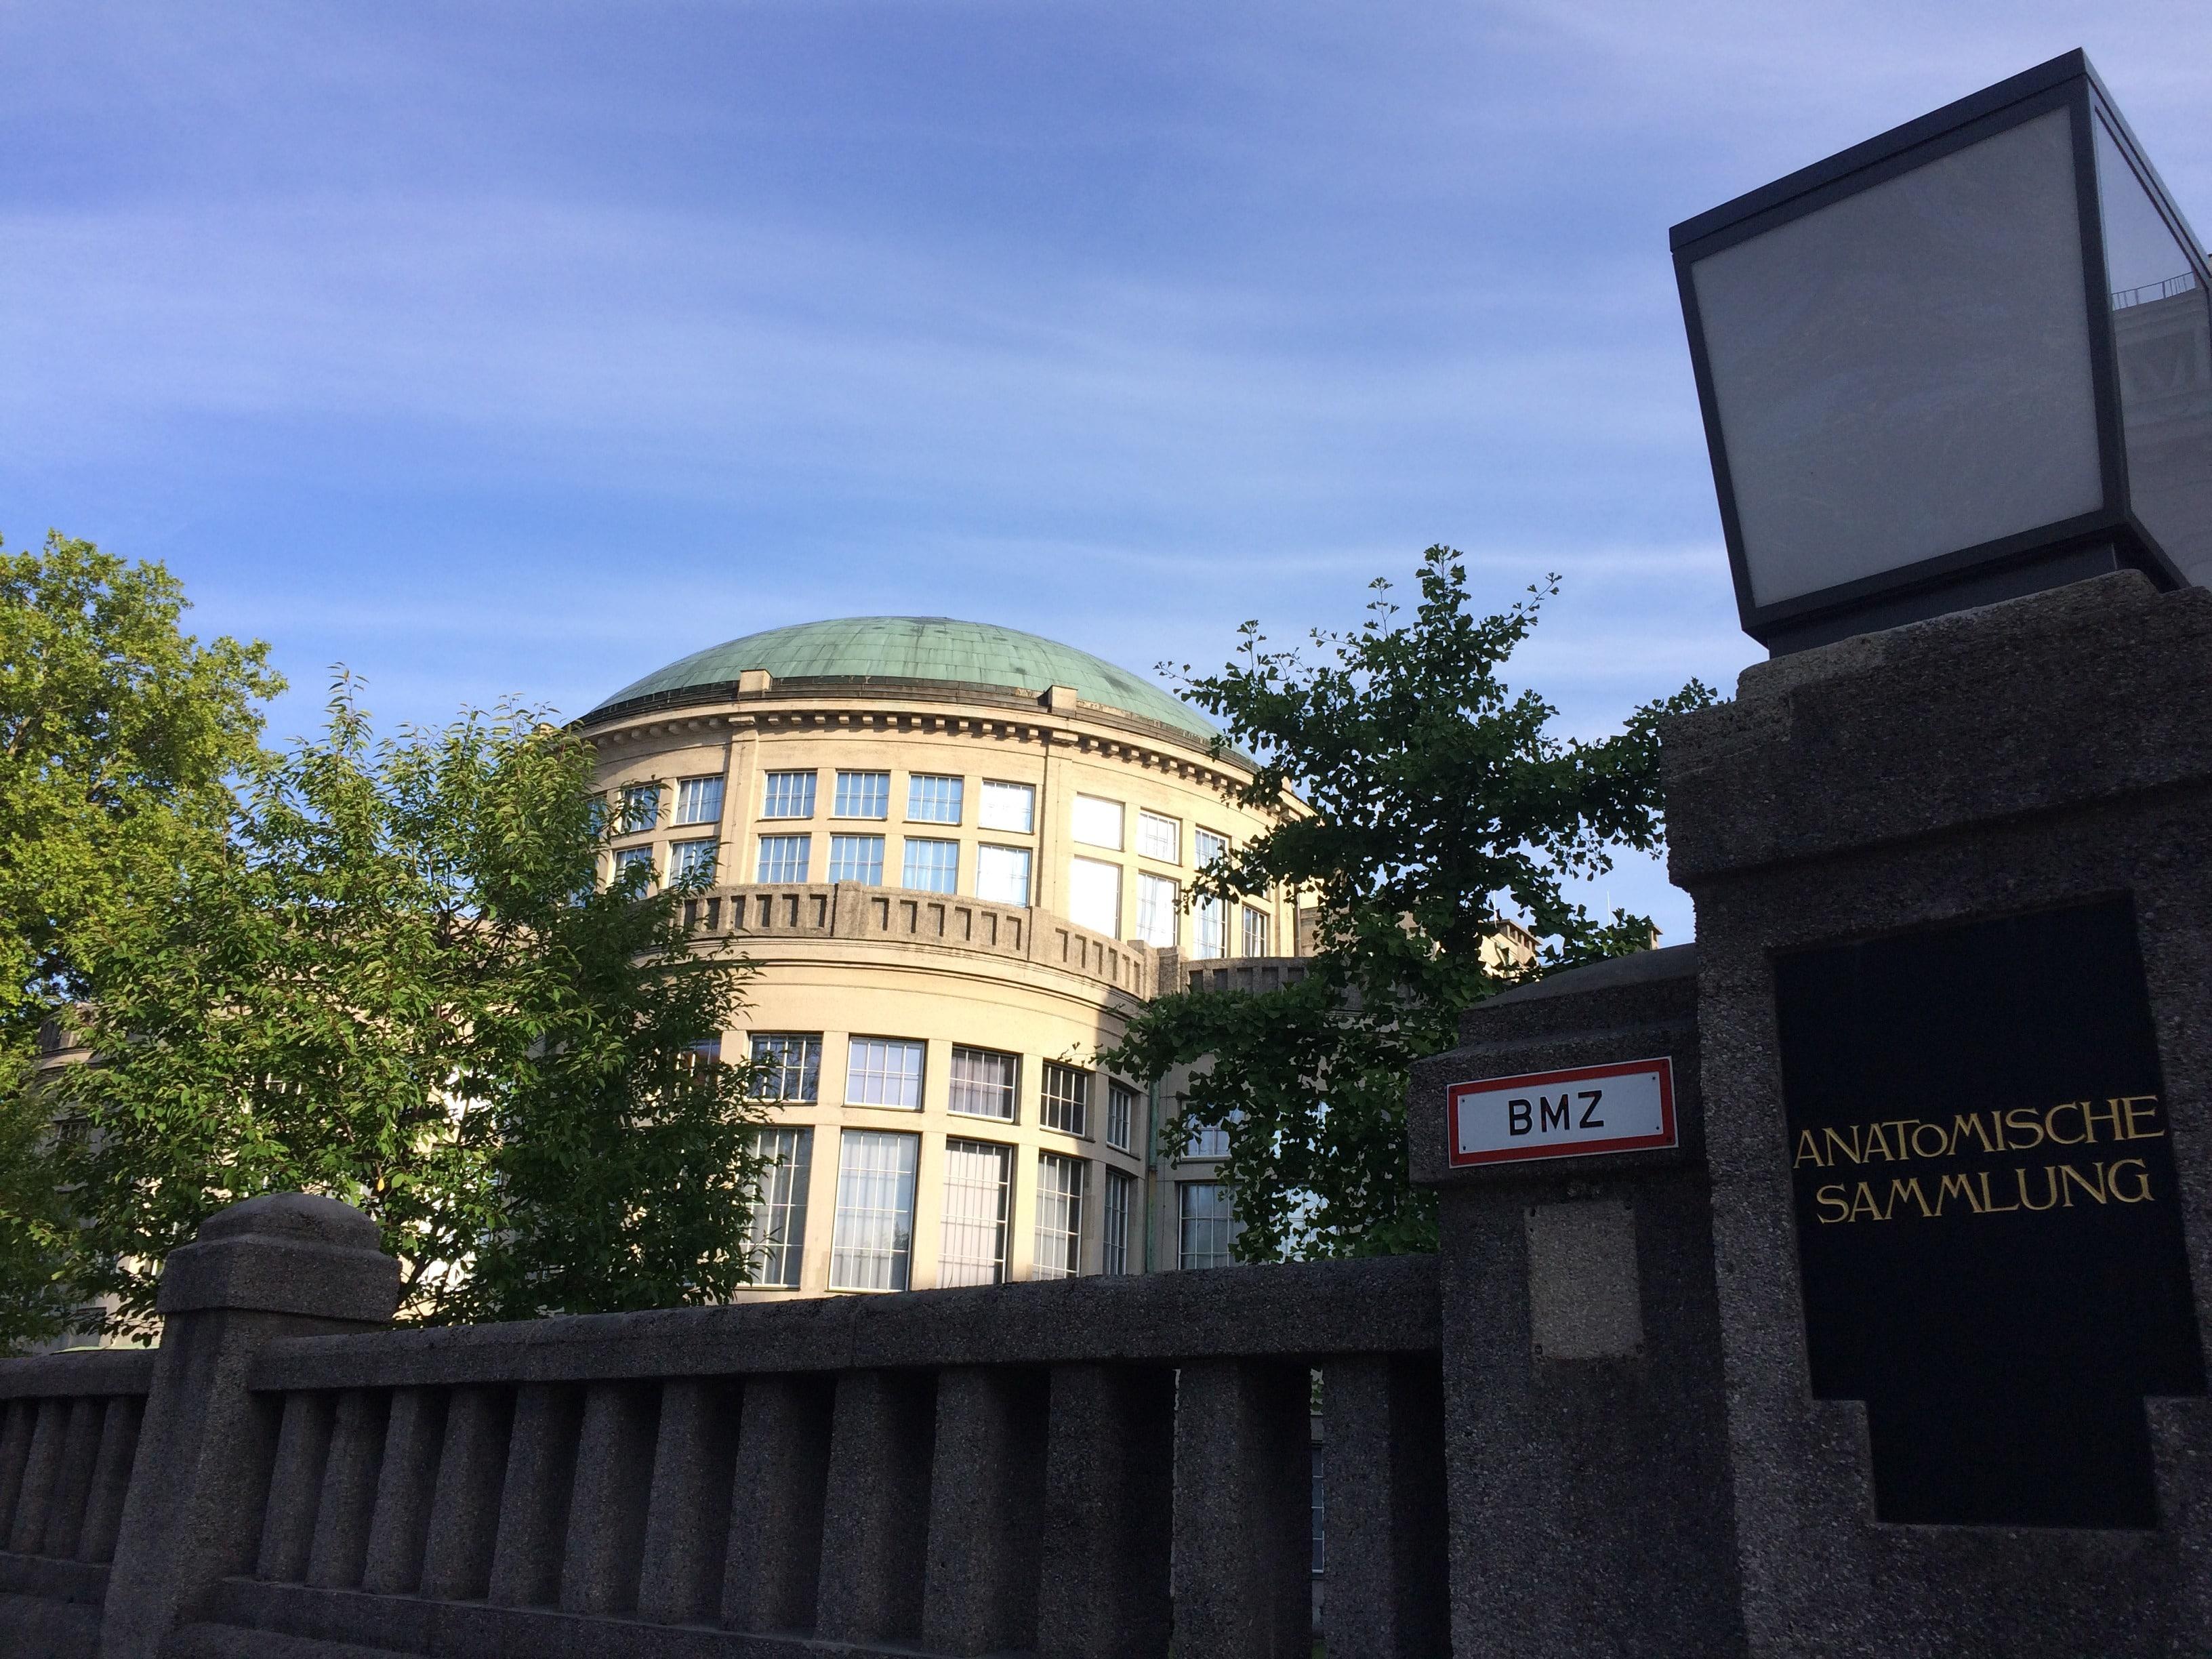 Monaco di Baviera, il quadrilatero della facoltà di medicina nell'area di Goethstrasse.